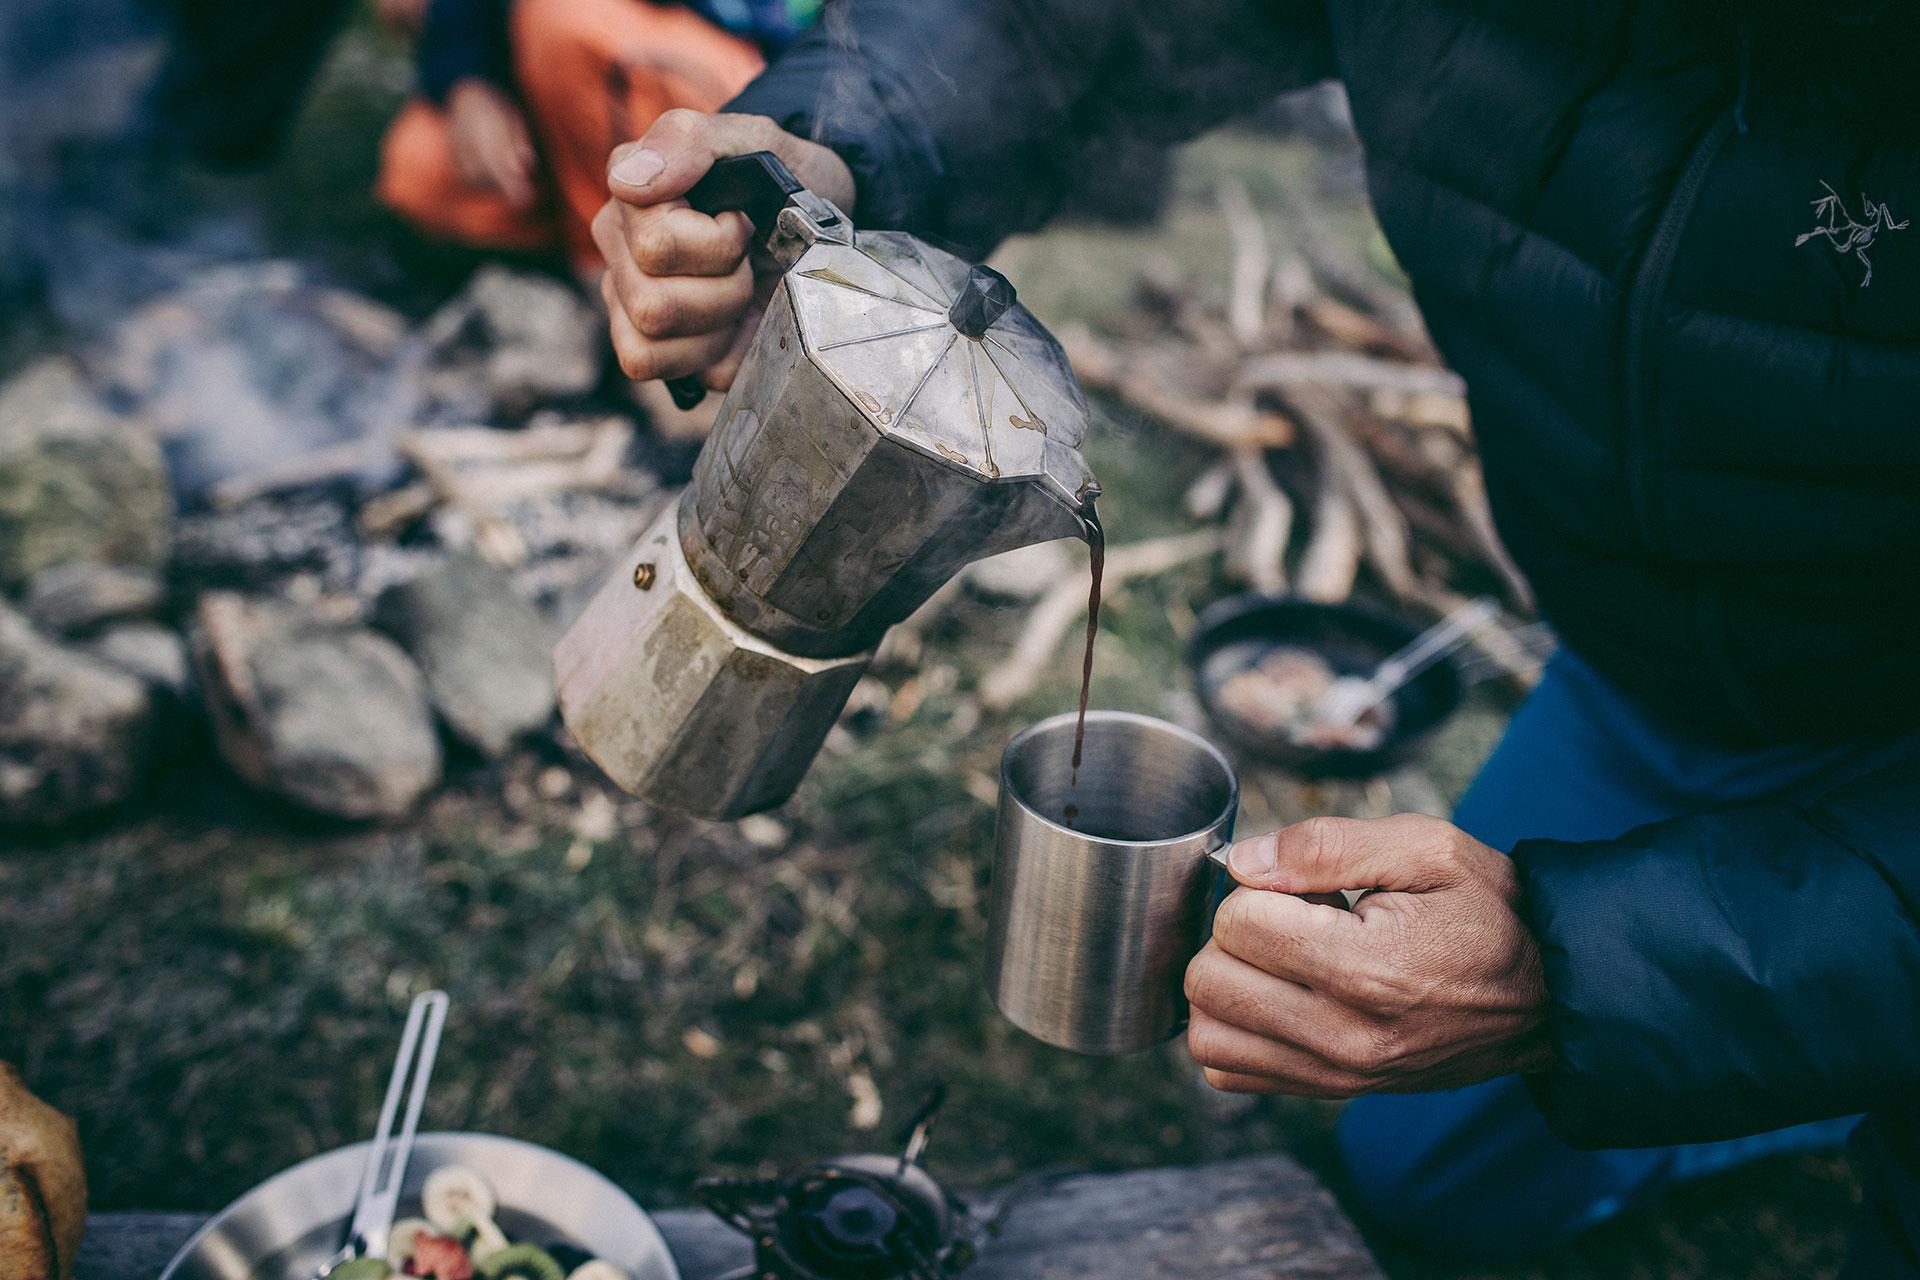 Kaffee Kochen Fotografie Camping Sport Berge Zürich Schweiz Michael Müller